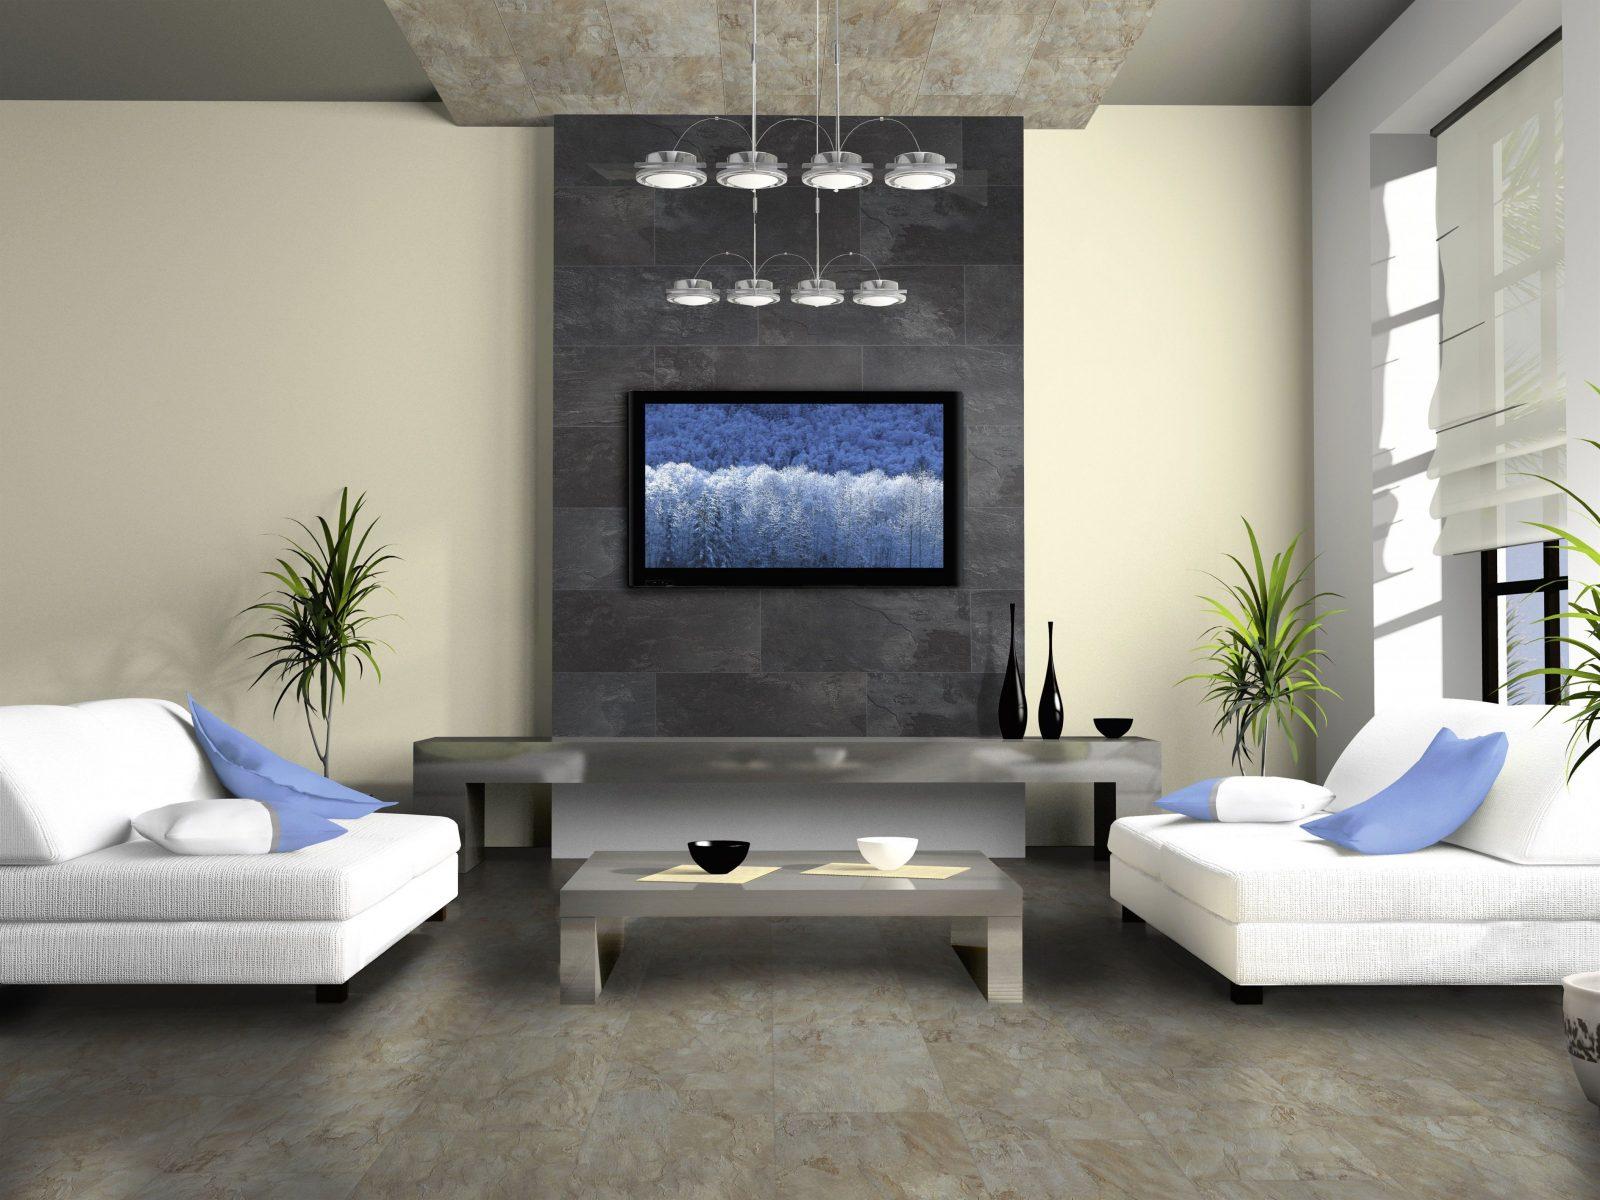 tv wand selber bauen laminat jenseits des glaubens auf von tv wand